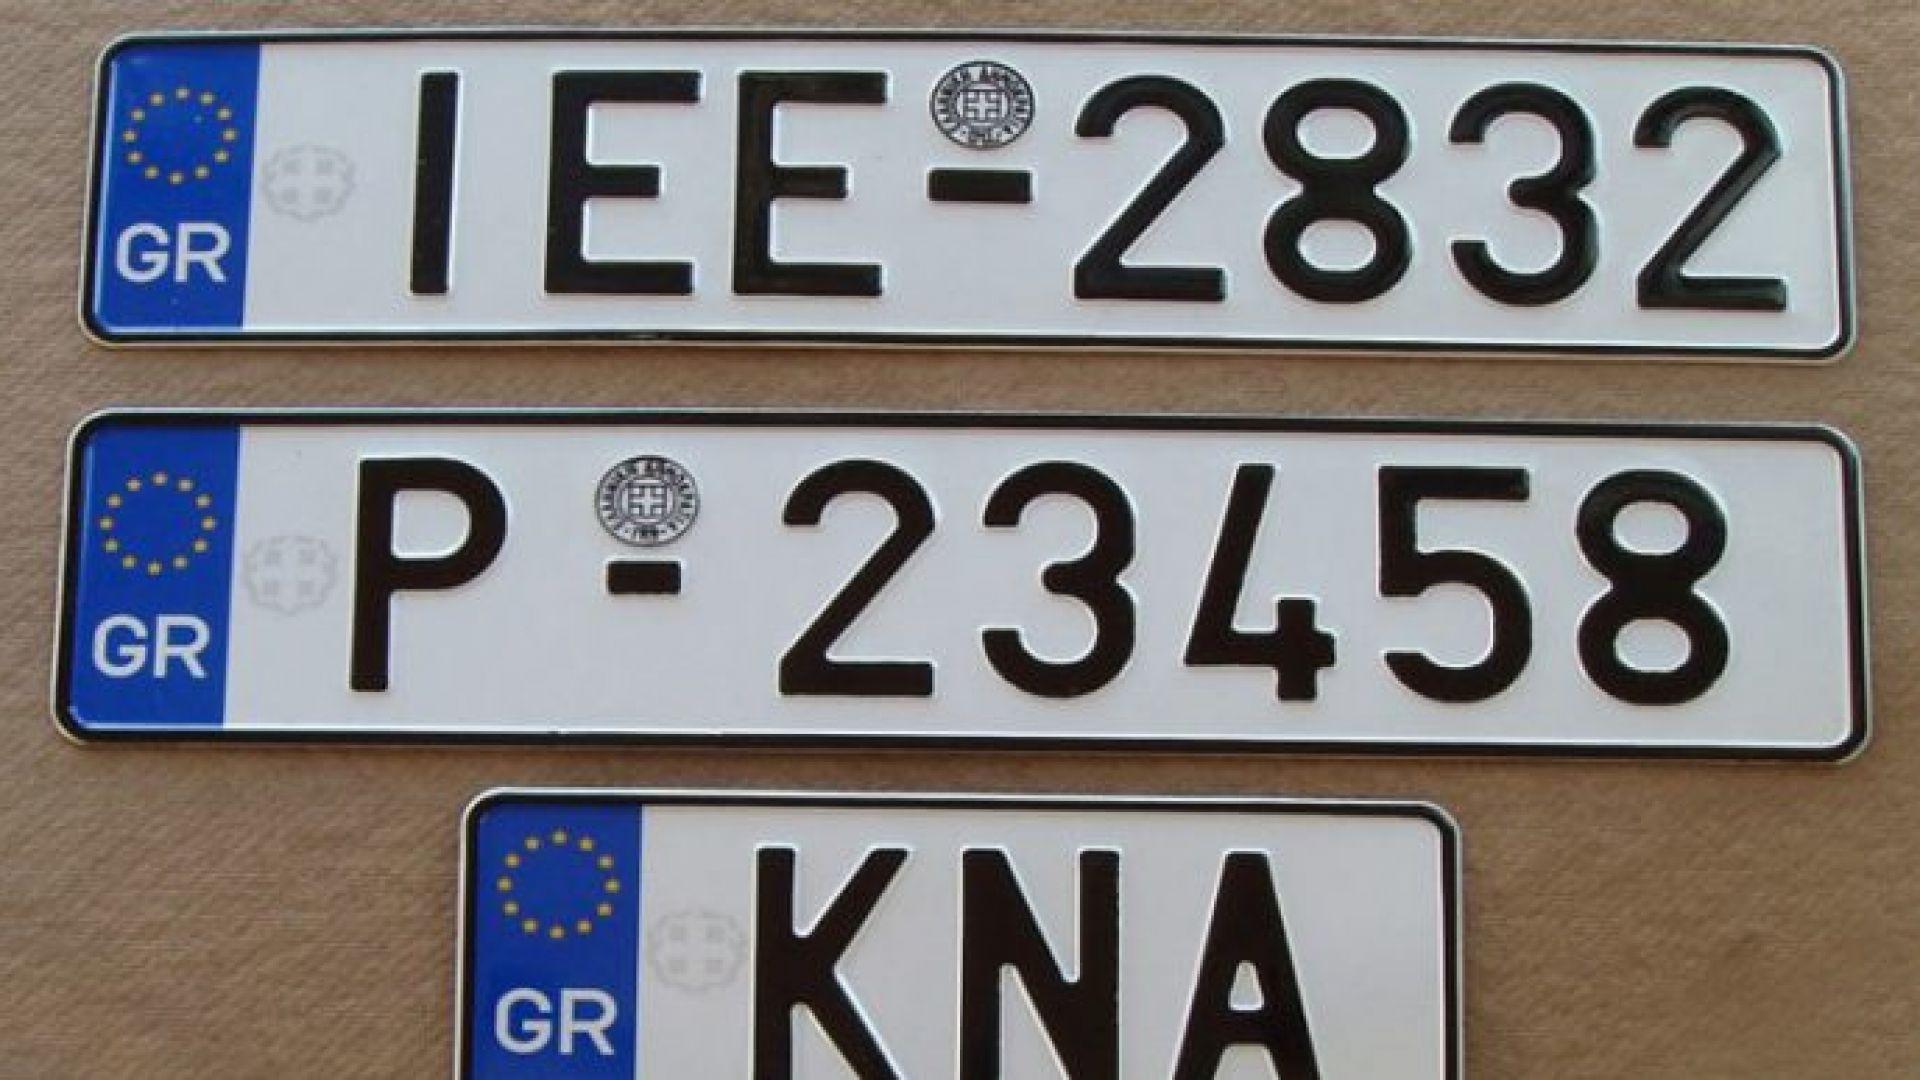 Амнистия за конфискувани номера и талони на БГ коли в Гърция